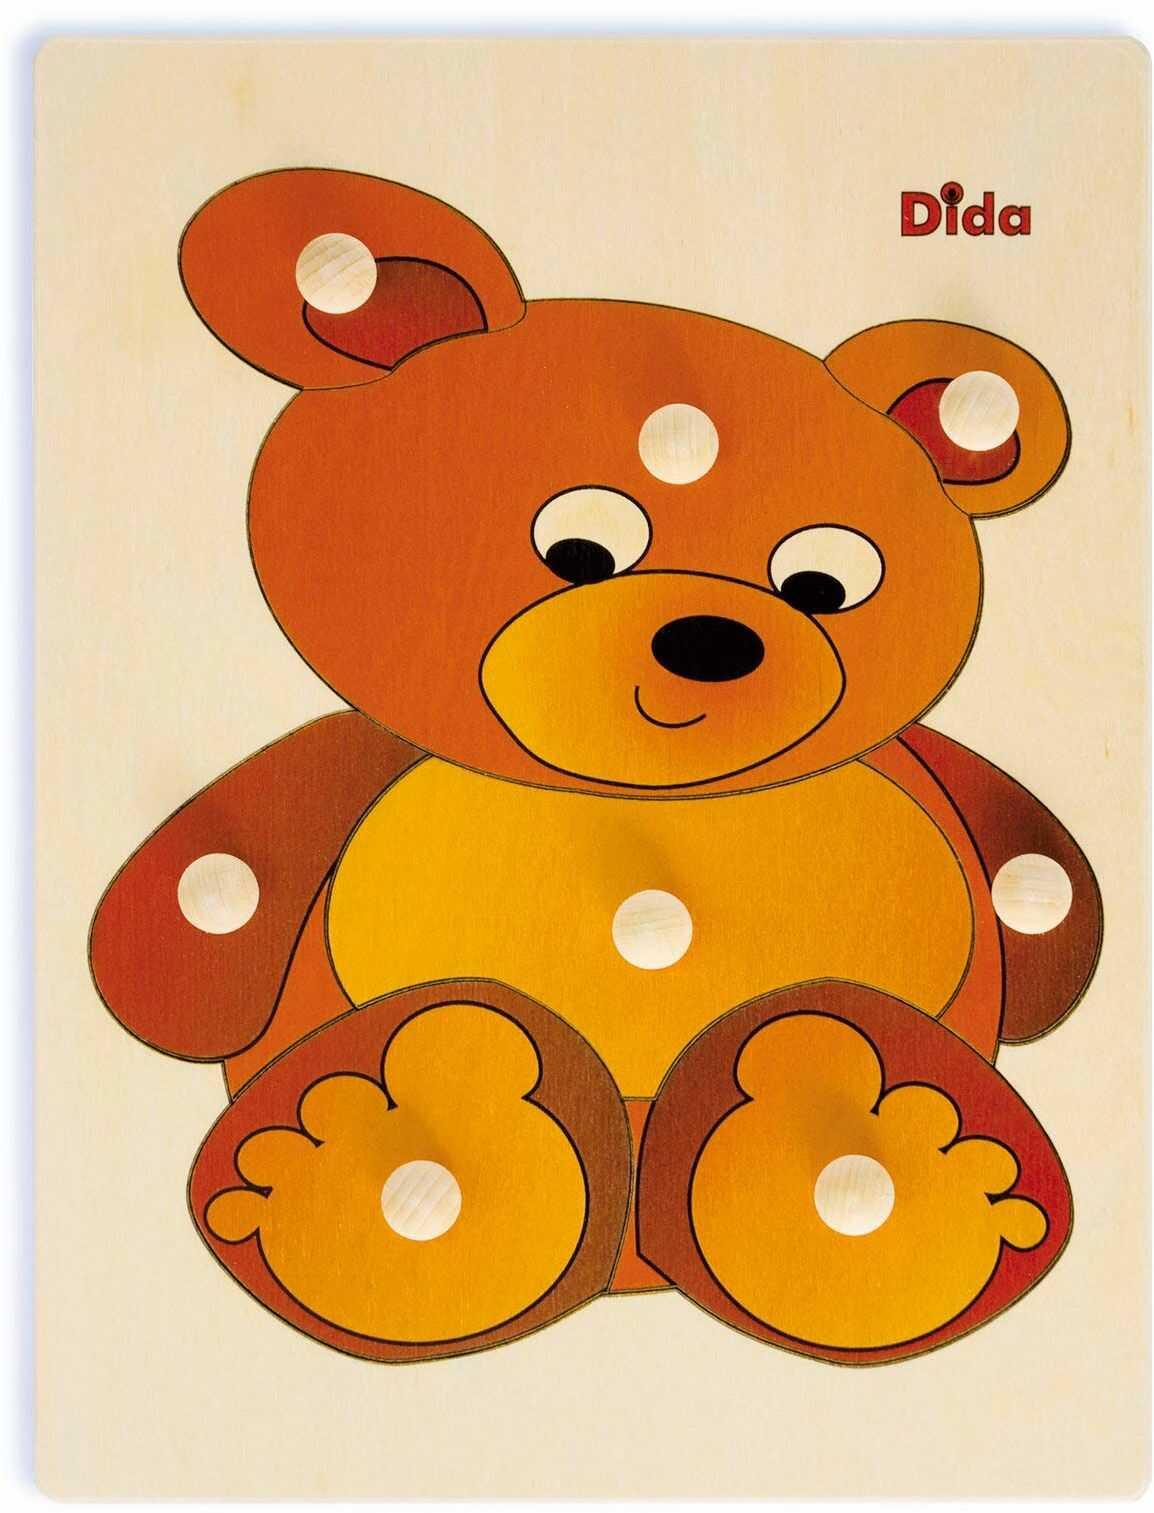 Dida P18 drewniane puzzle, niedźwiedź, puzzle per Bambini